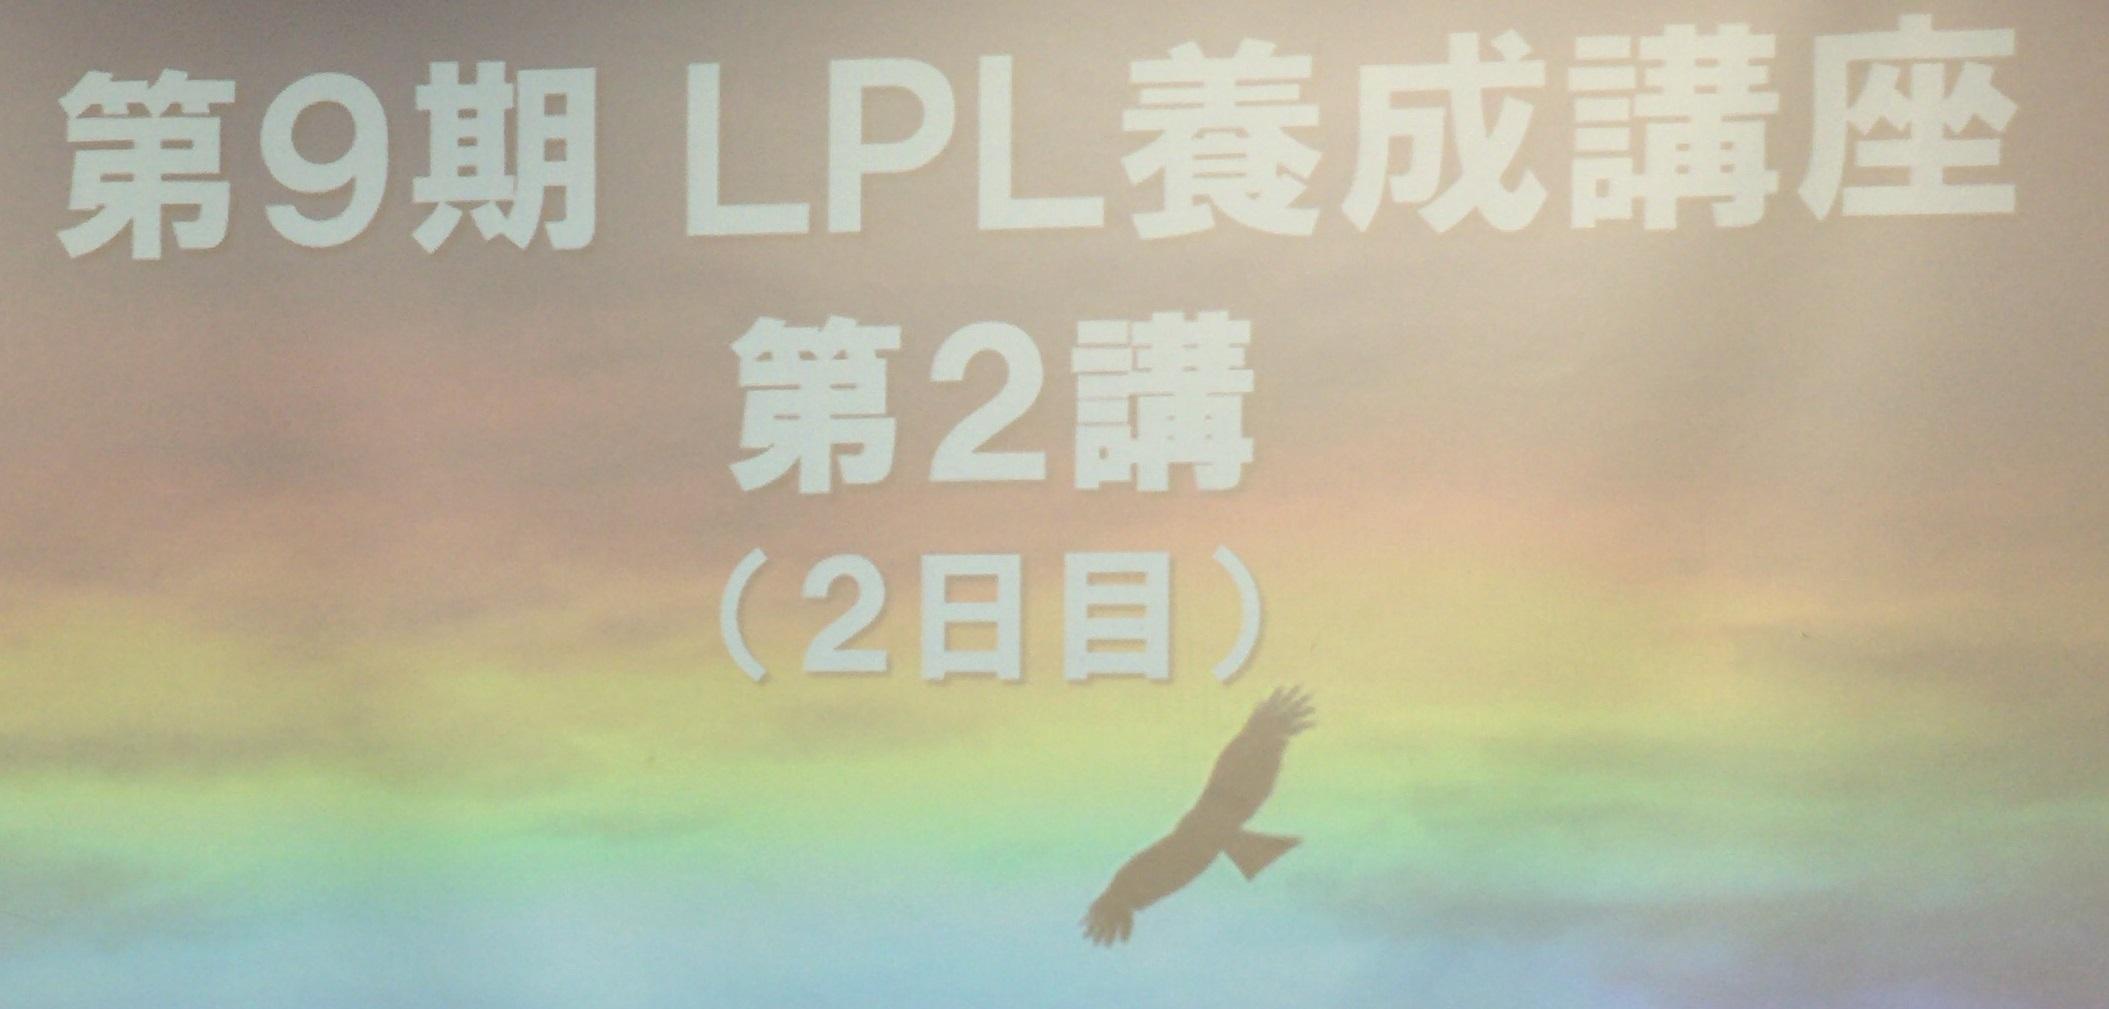 第9期LPL講座 第2講に参加して、感情と思考とリーダーについての気づきがたくさんあった。